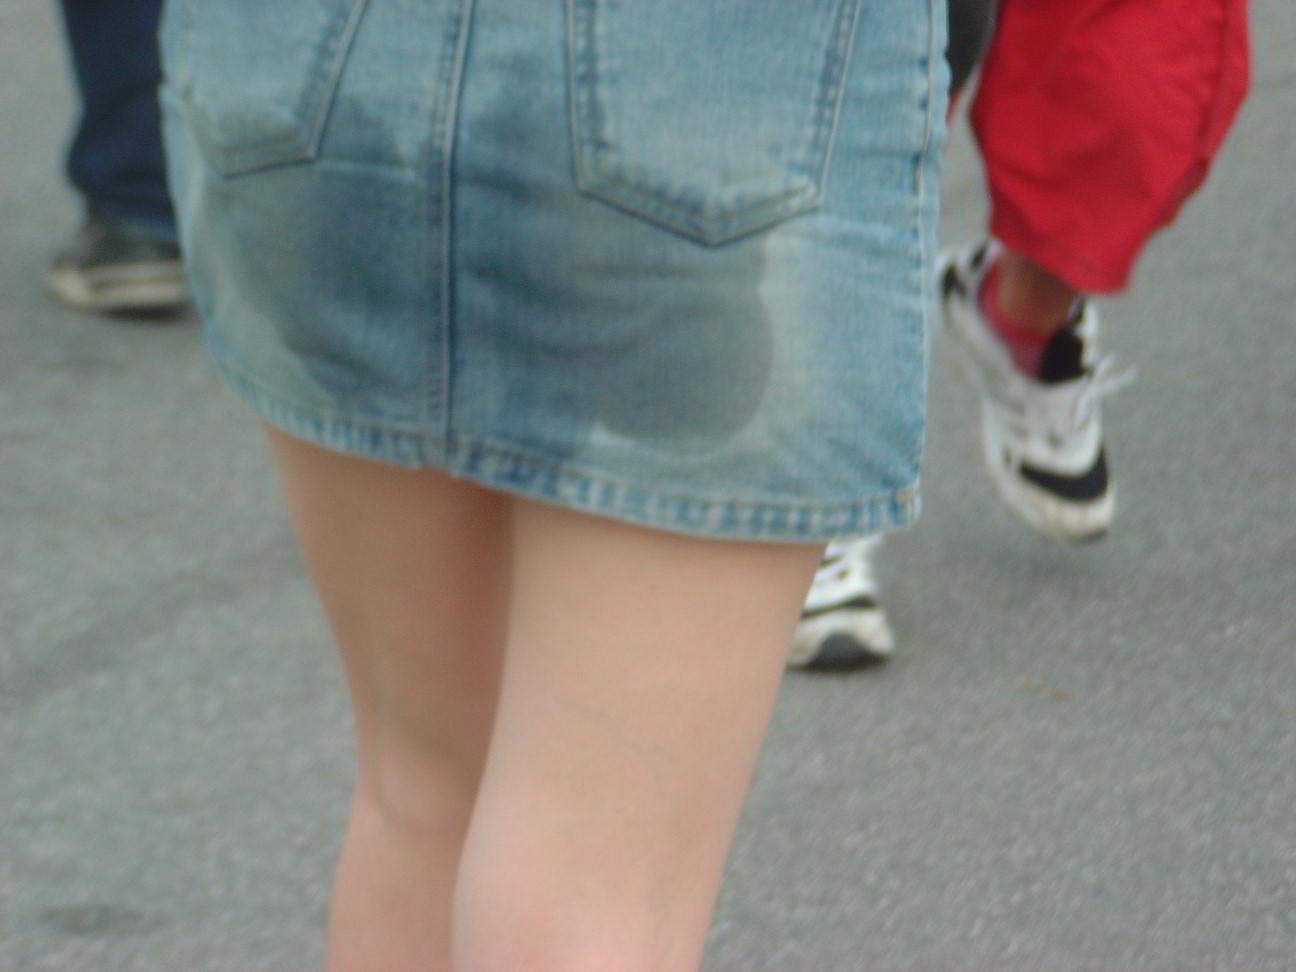 【画像あり】外でおもらししてる女の子見つけたんだがwwwwwwwww・4枚目